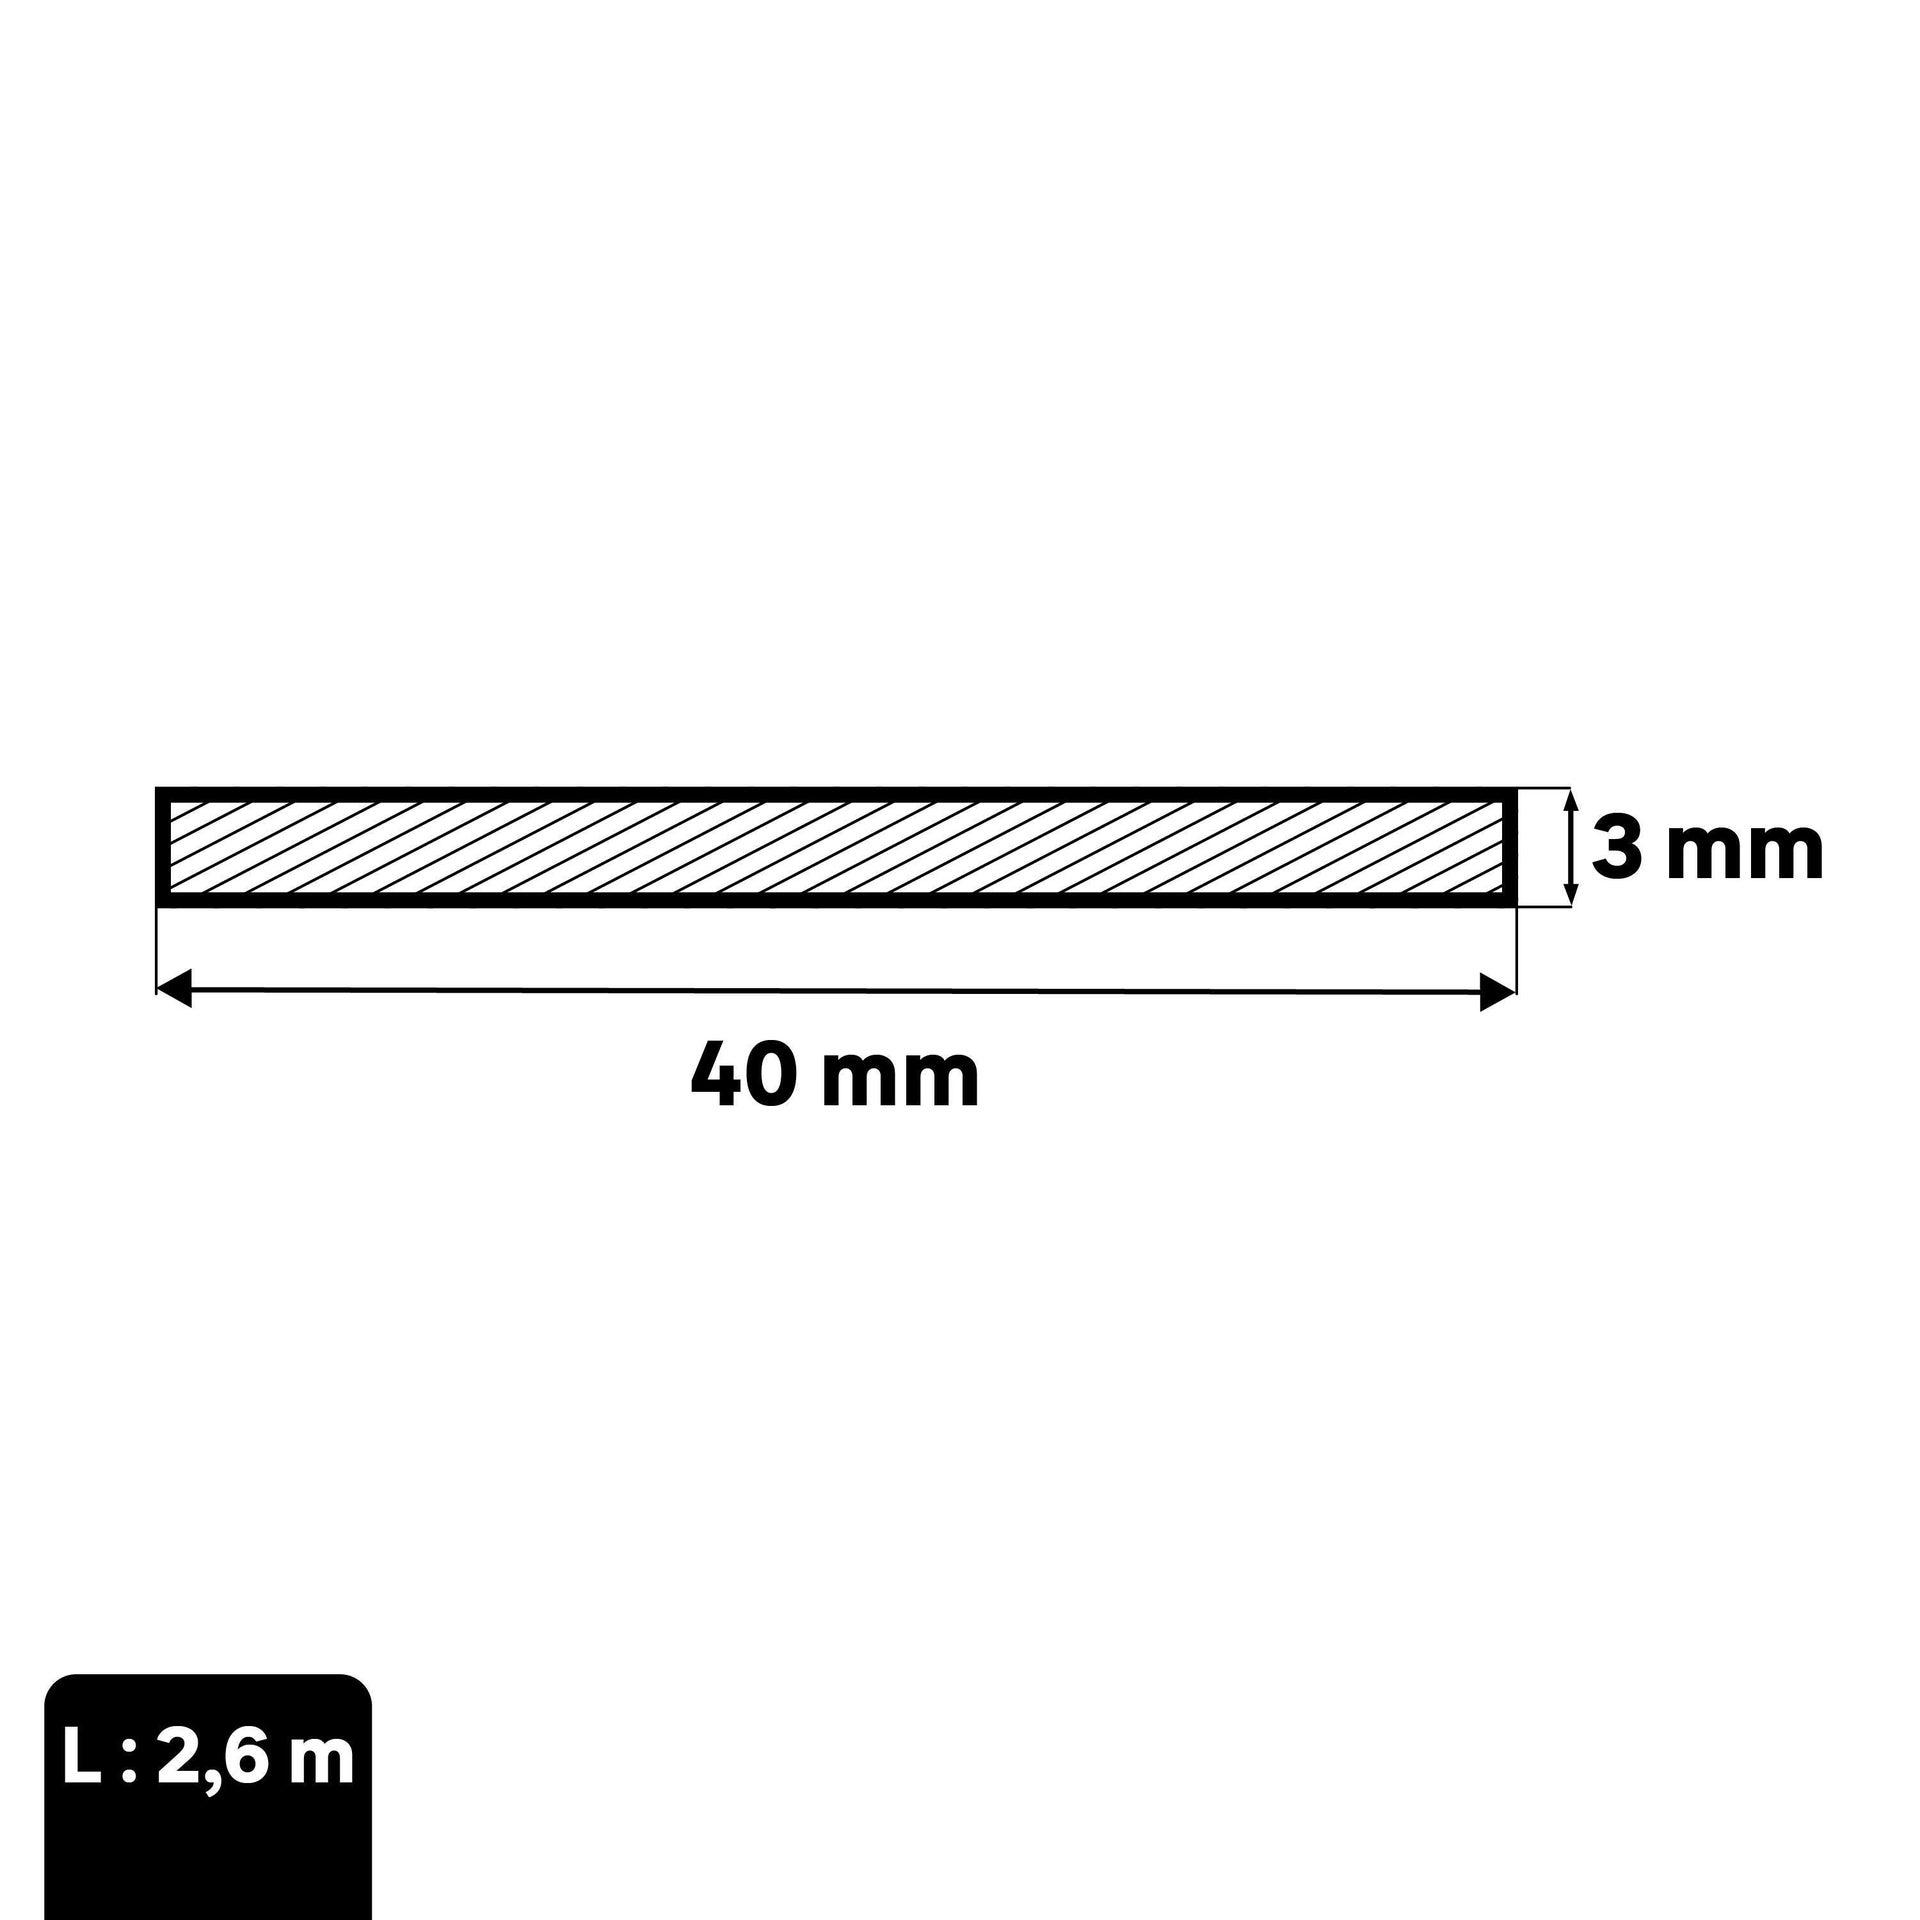 Profilo piatto STANDERS in alluminio 2.6 m x 4 cm grigio - 2